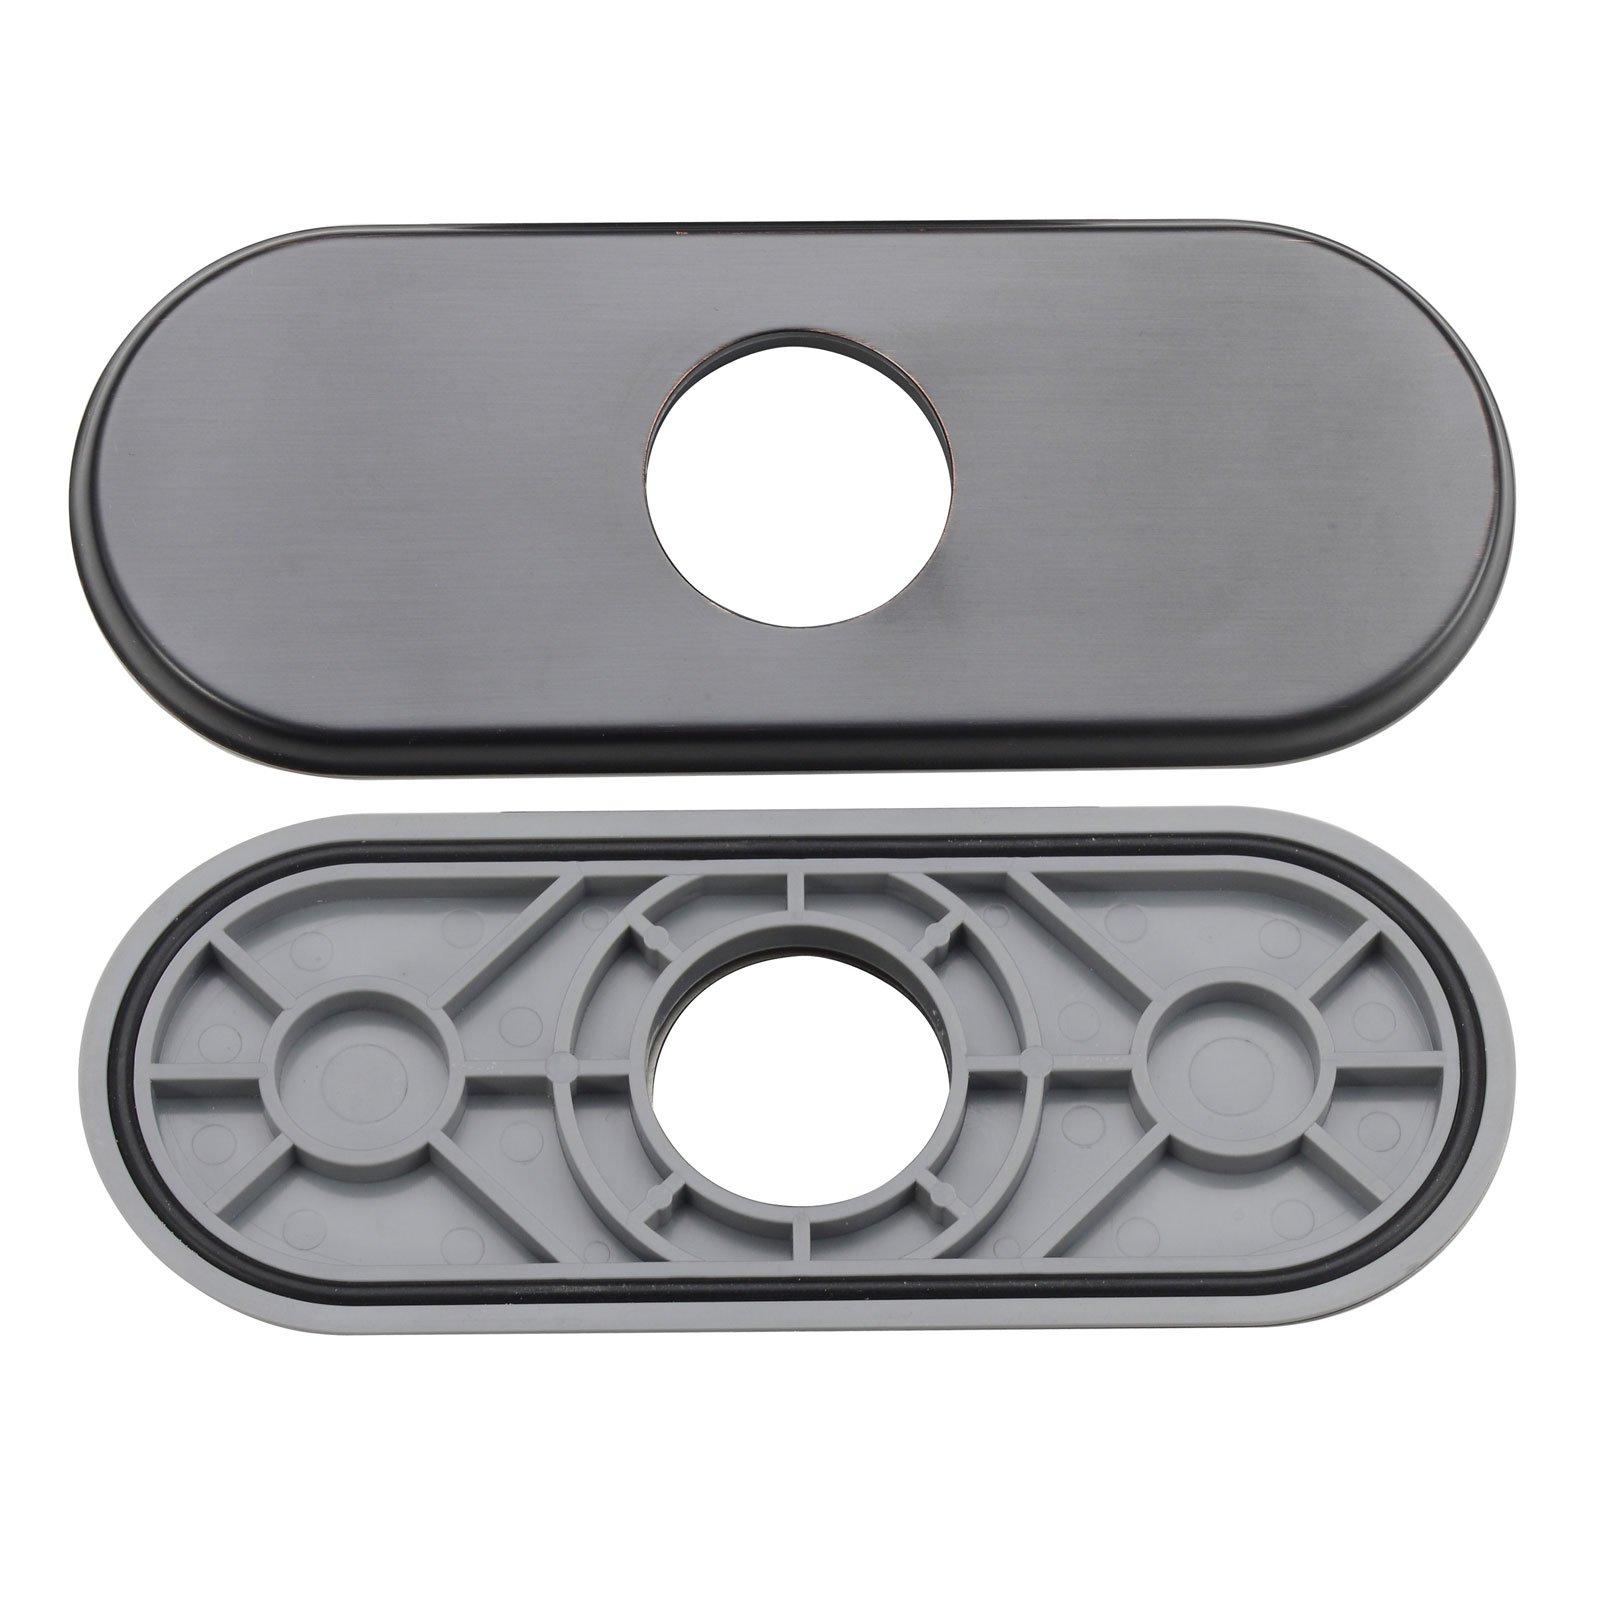 ELITE DP10ORB Oil Rubbed Bronze Bathroom Sink Faucet Hole Cover Deck Plate Escutcheon